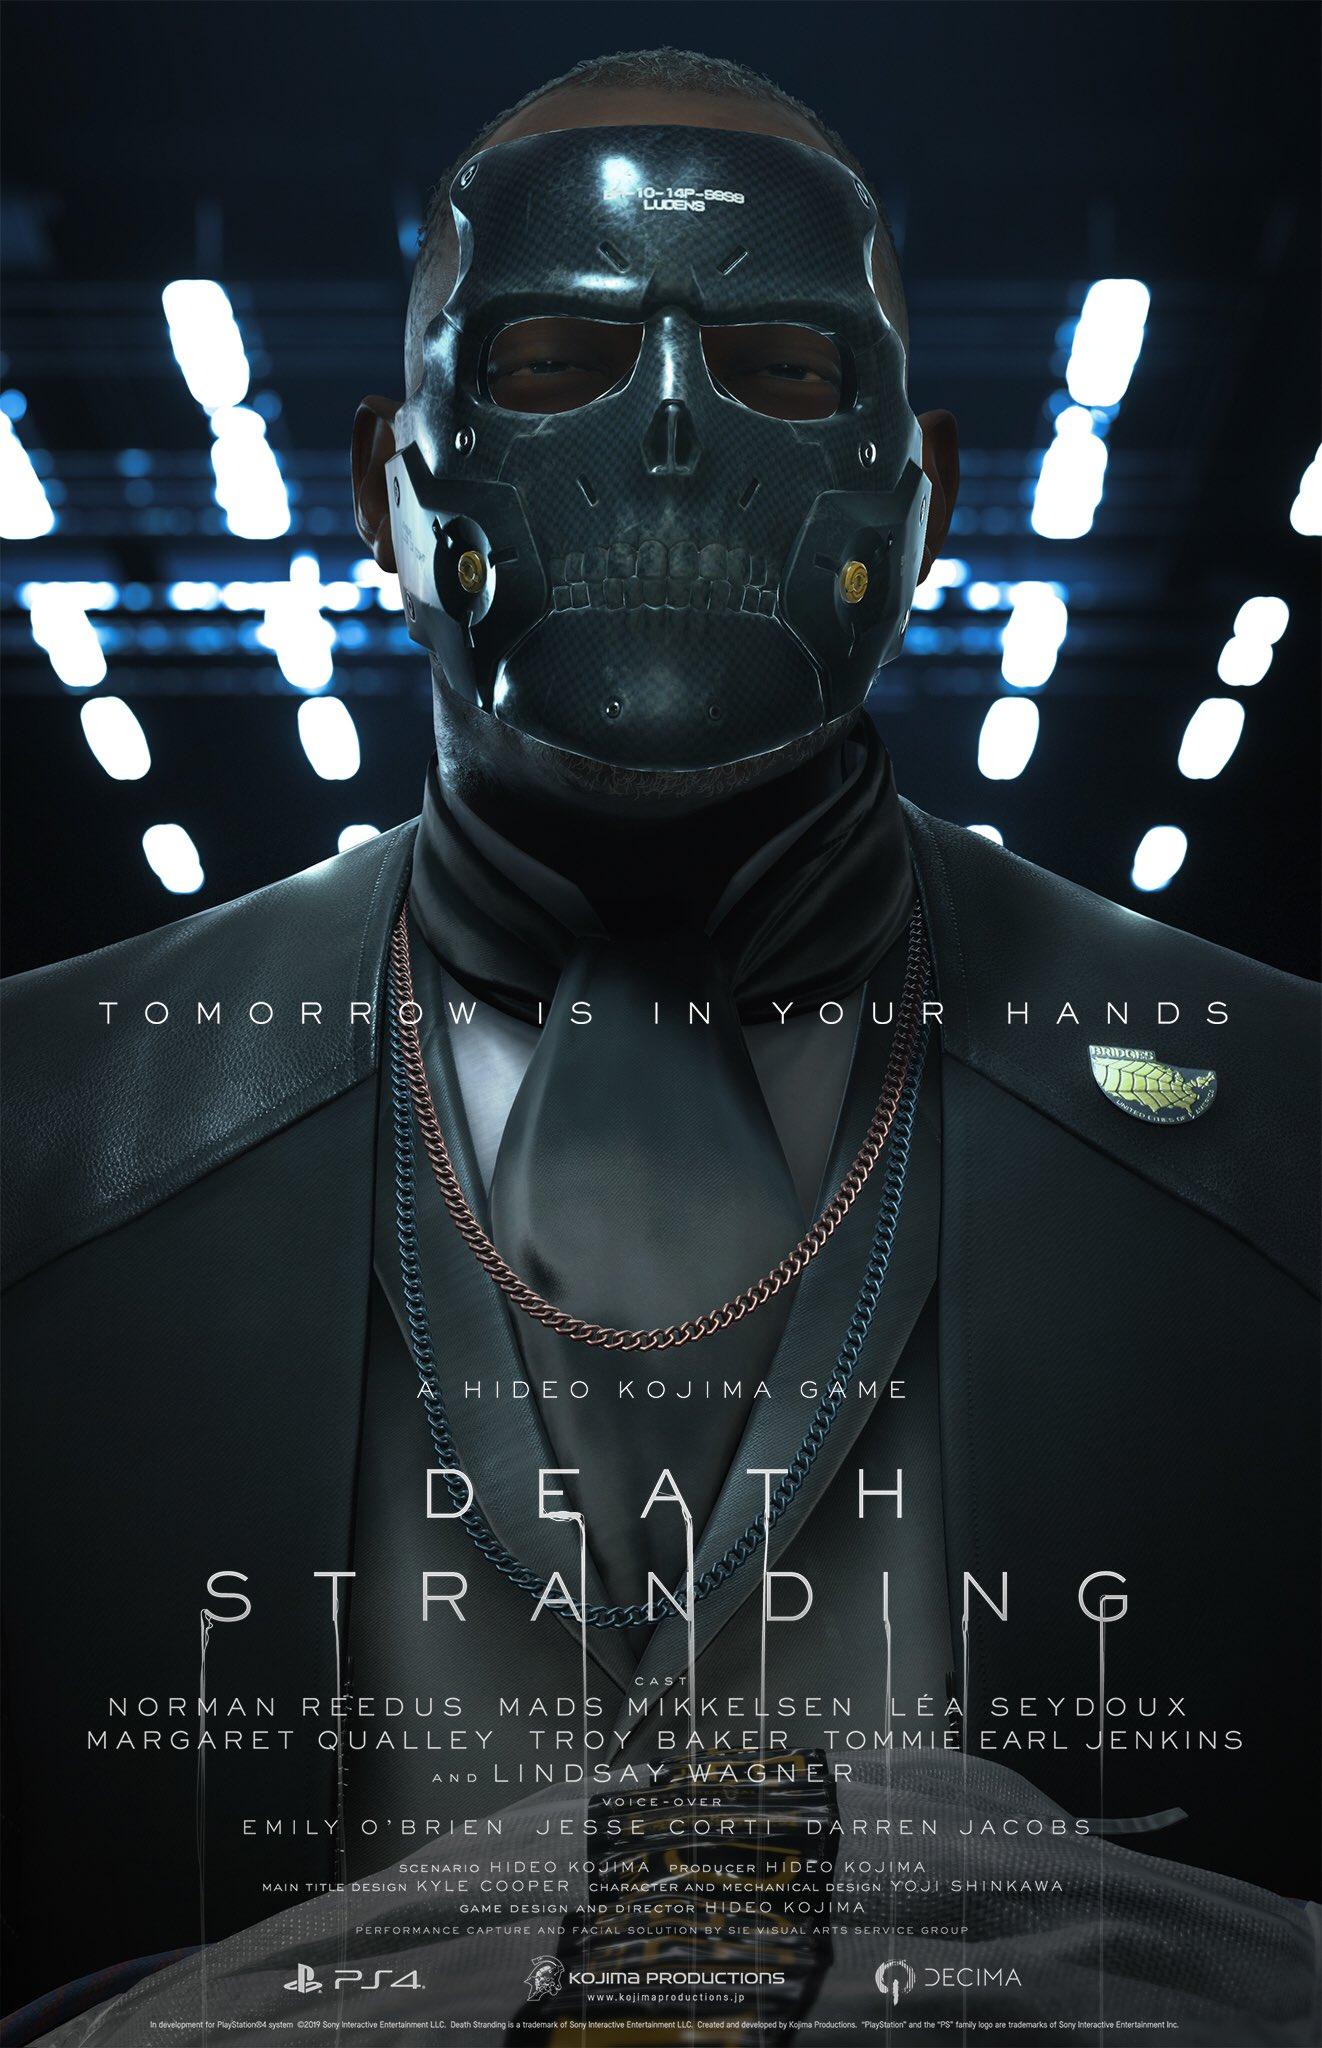 8 1 - 小島秀夫監督の『デス・ストランディング』発売日が11月8日に決定! 最新トレーラーも公開。神ゲーオーラに震えろ